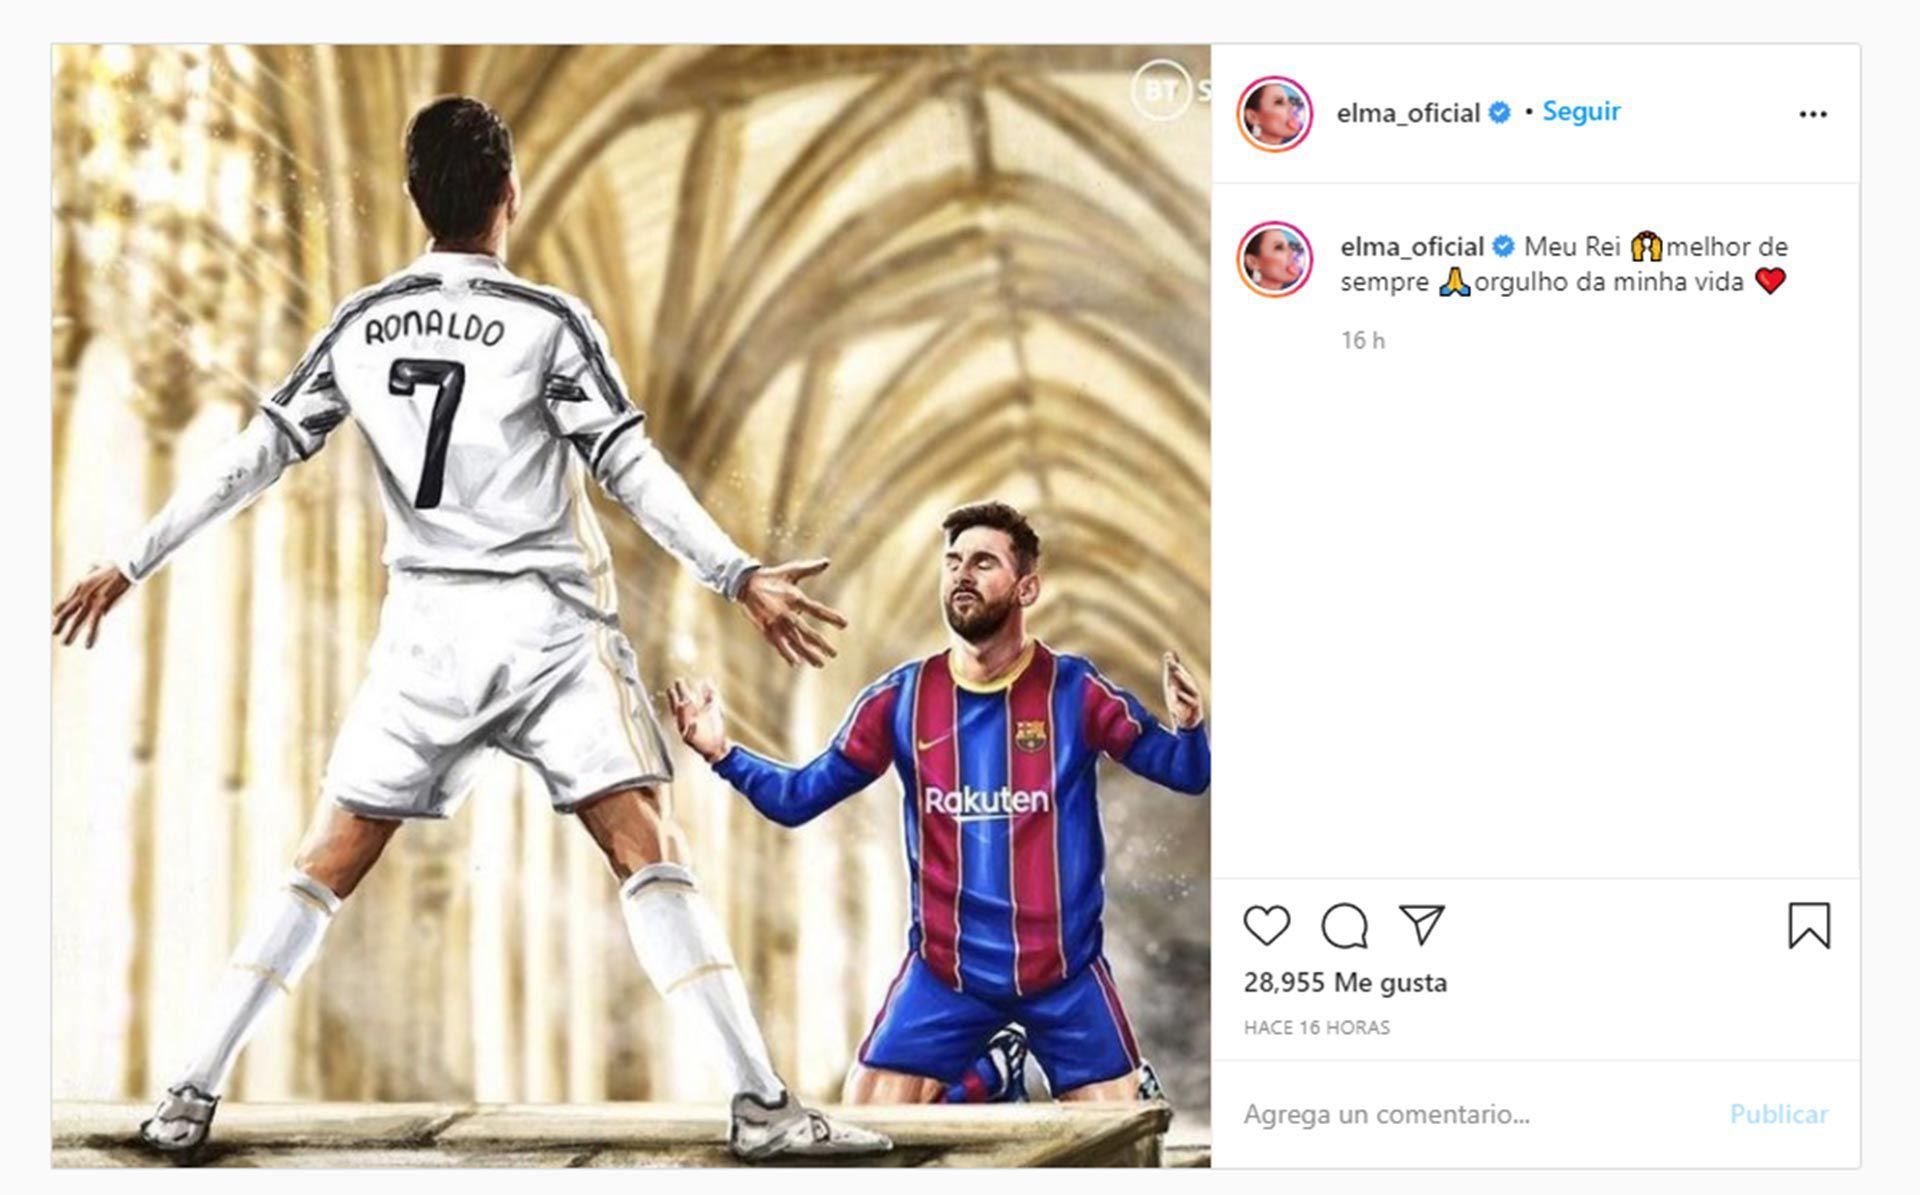 Publicación hermana de Cristiano Ronaldo sobre él y Messi